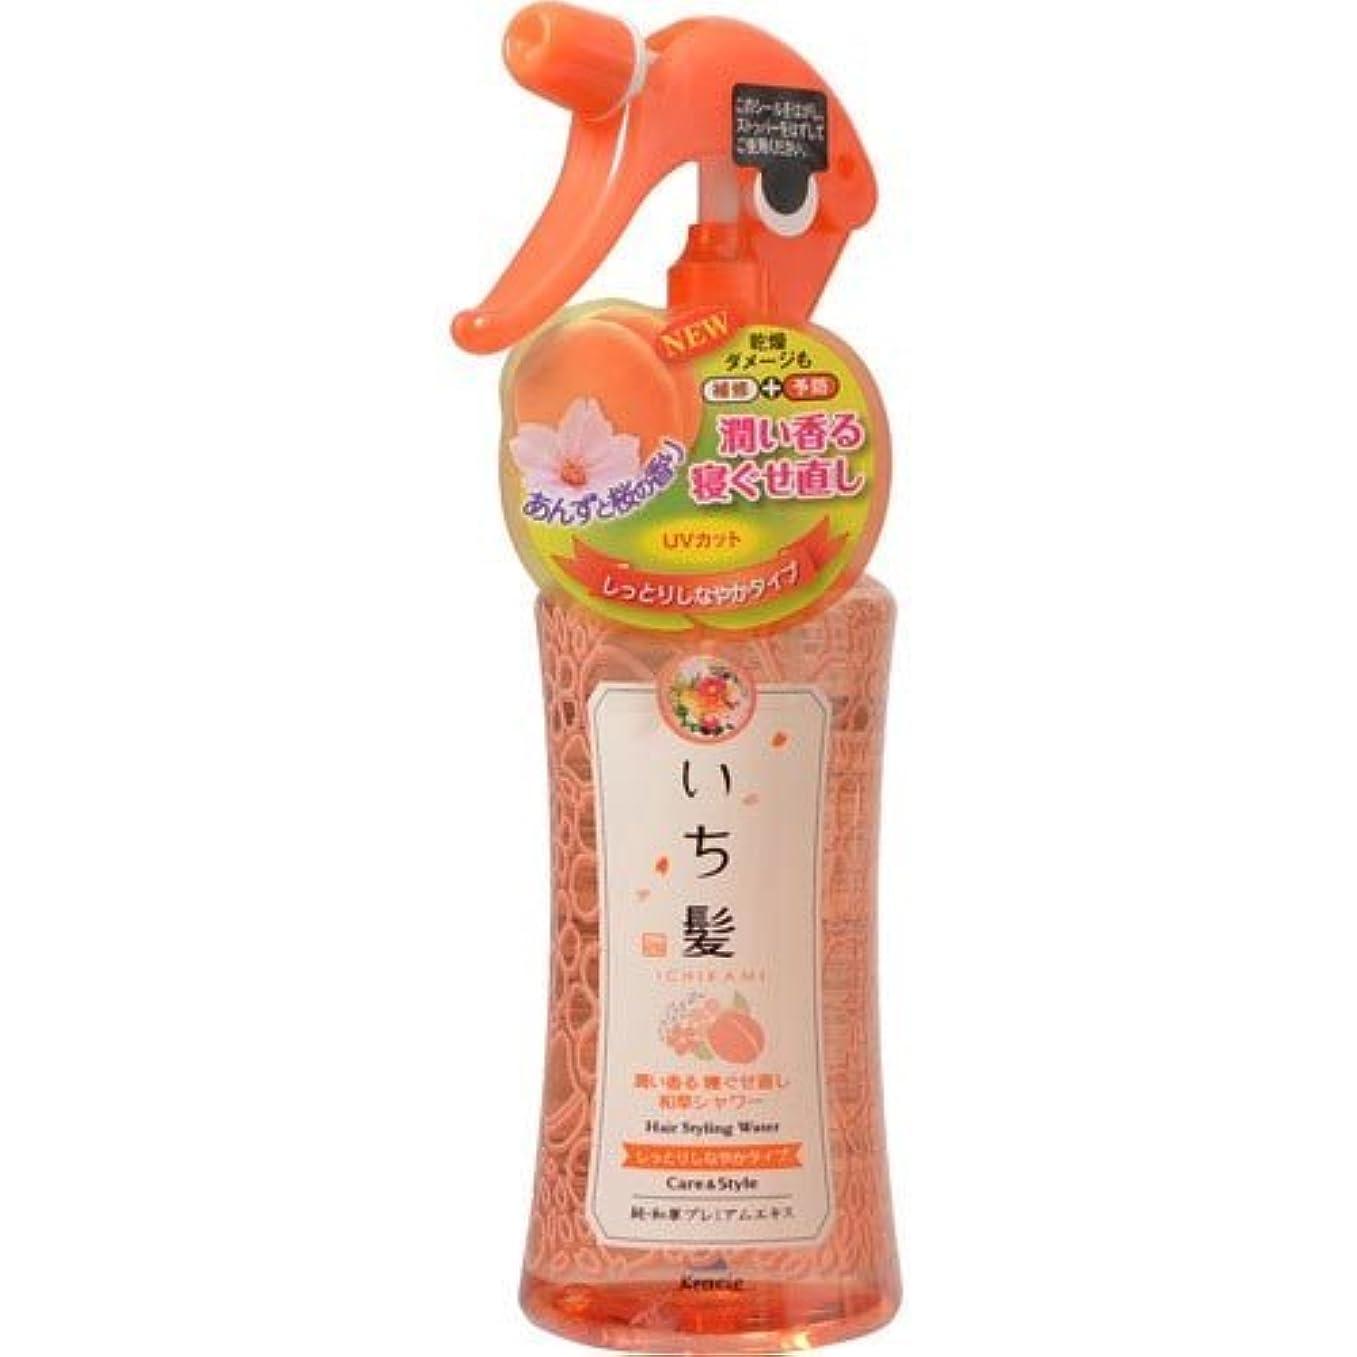 なくなるスナック変ないち髪 潤い香る寝ぐせ直し和草シャワー しっとりしなやかタイプ 250mL